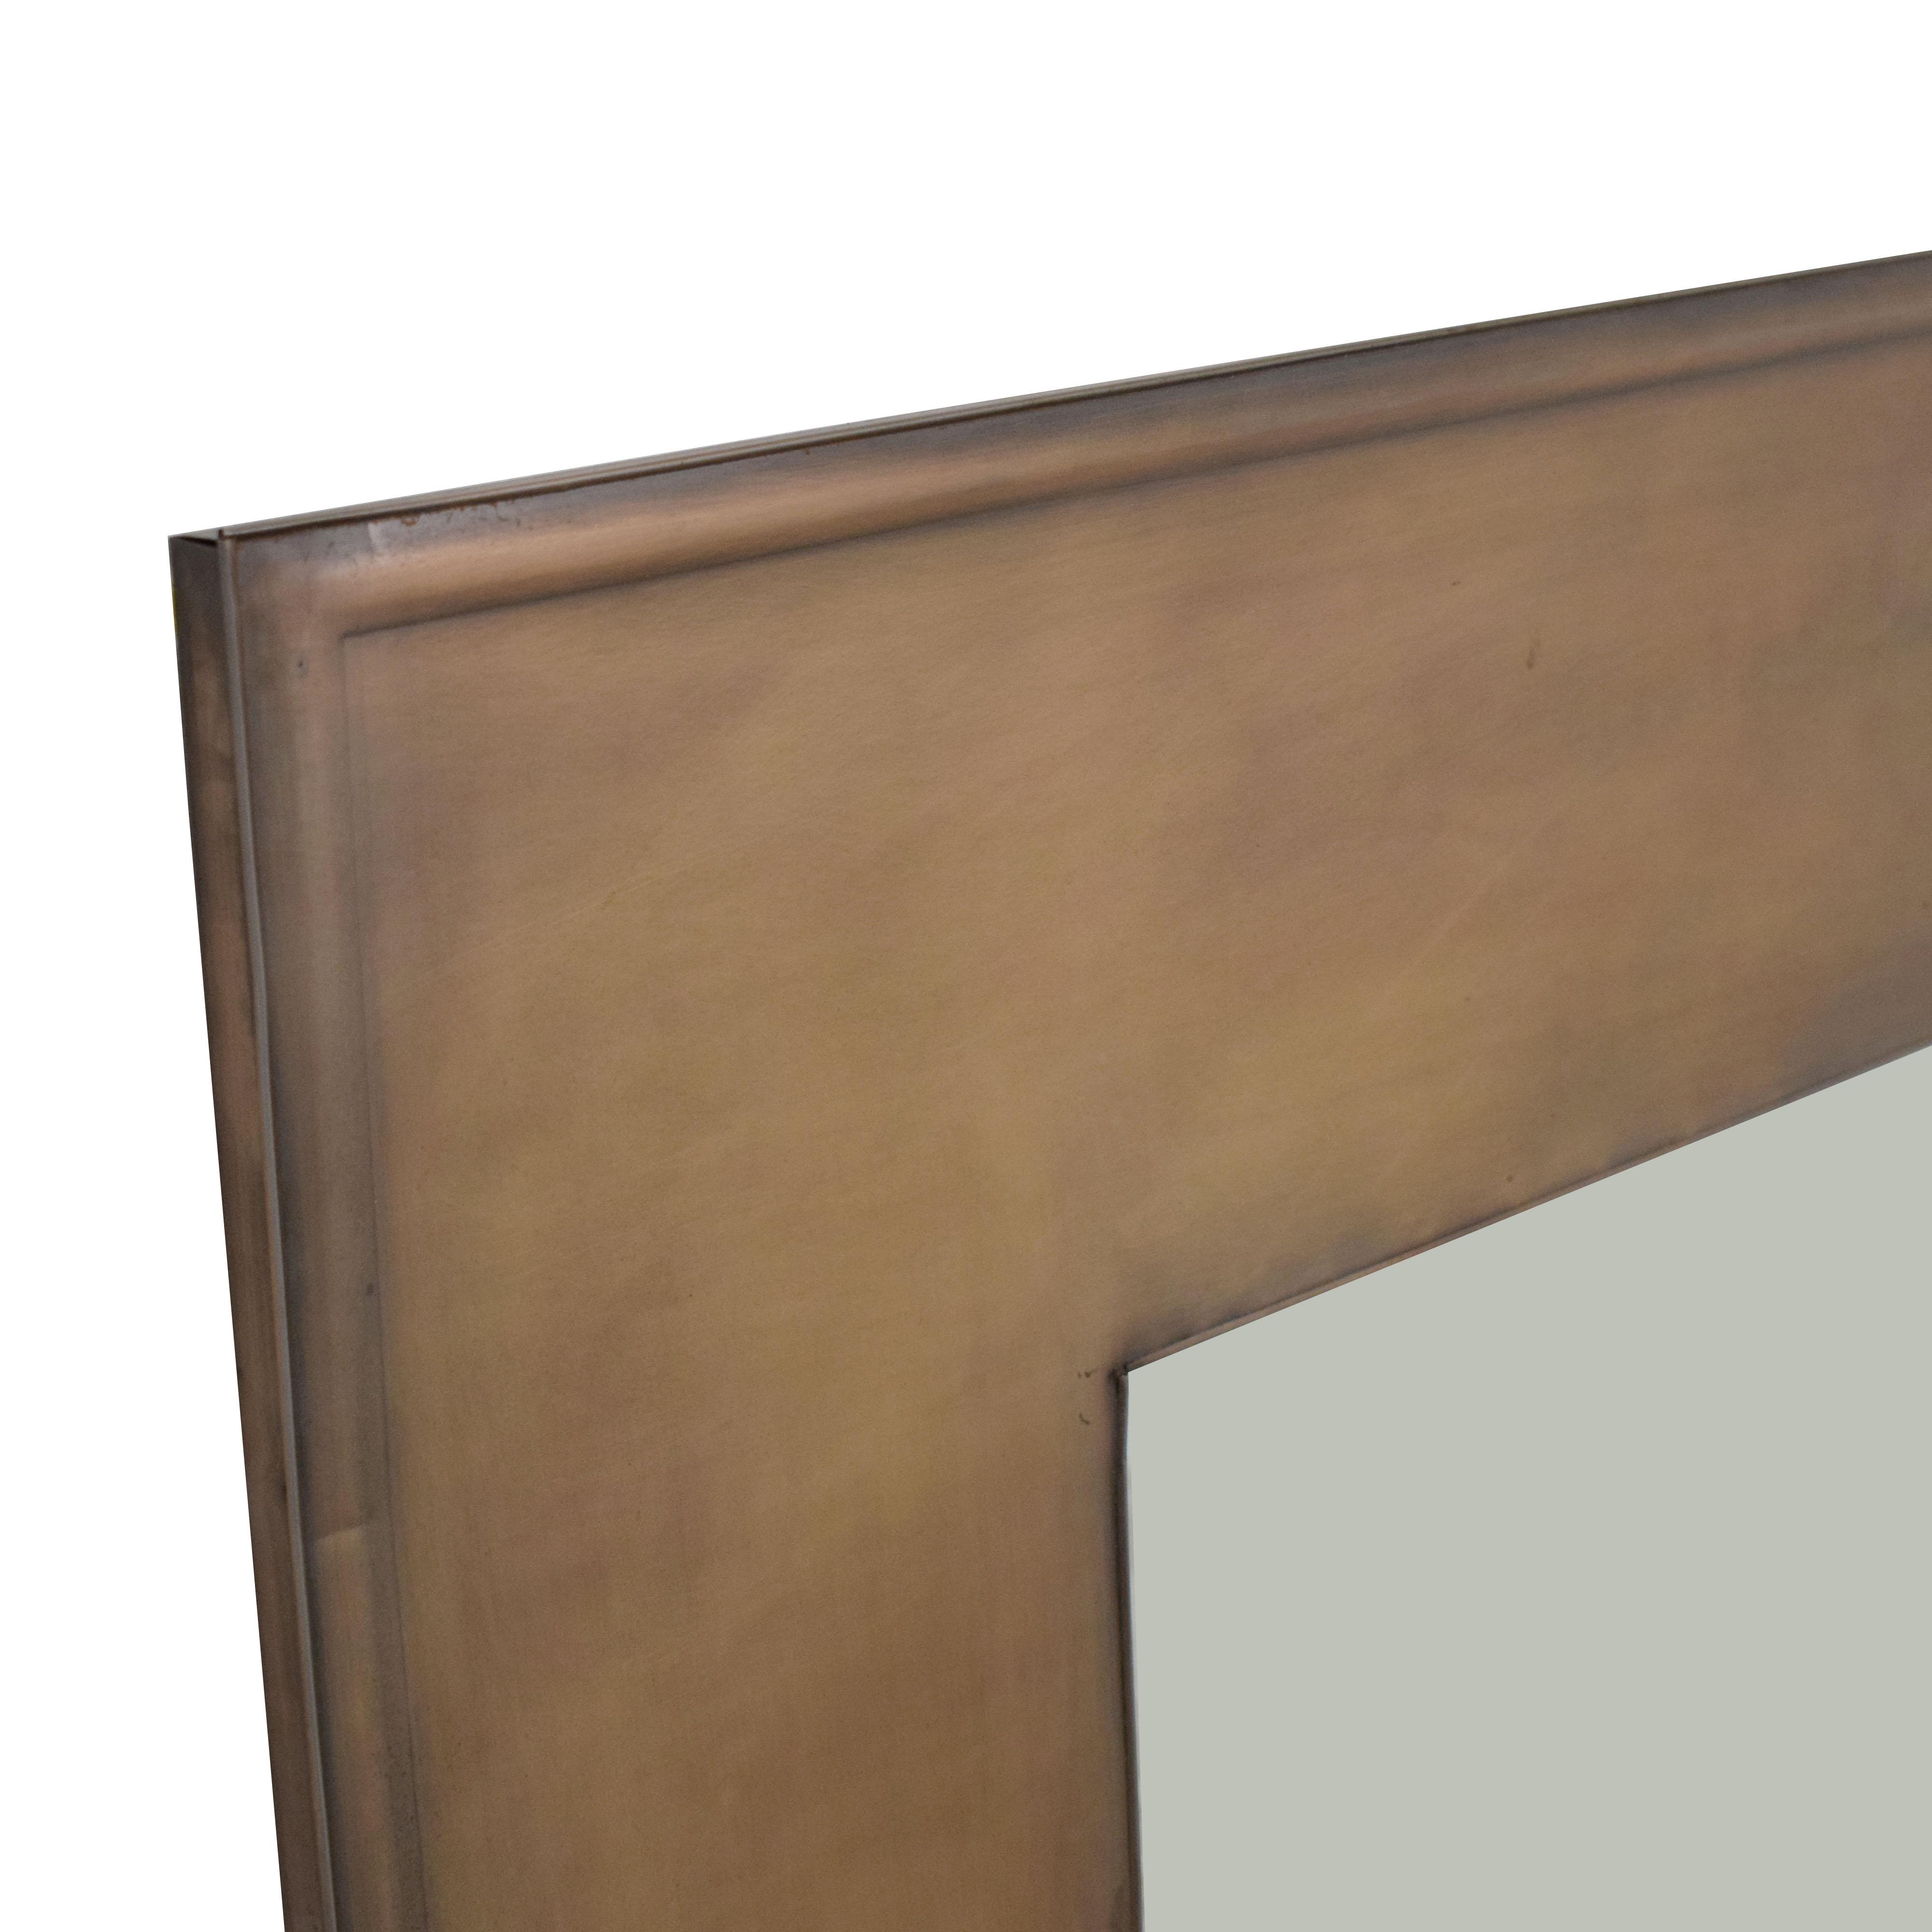 shop Crate & Barrel Antique Bronze Mirror Crate & Barrel Mirrors